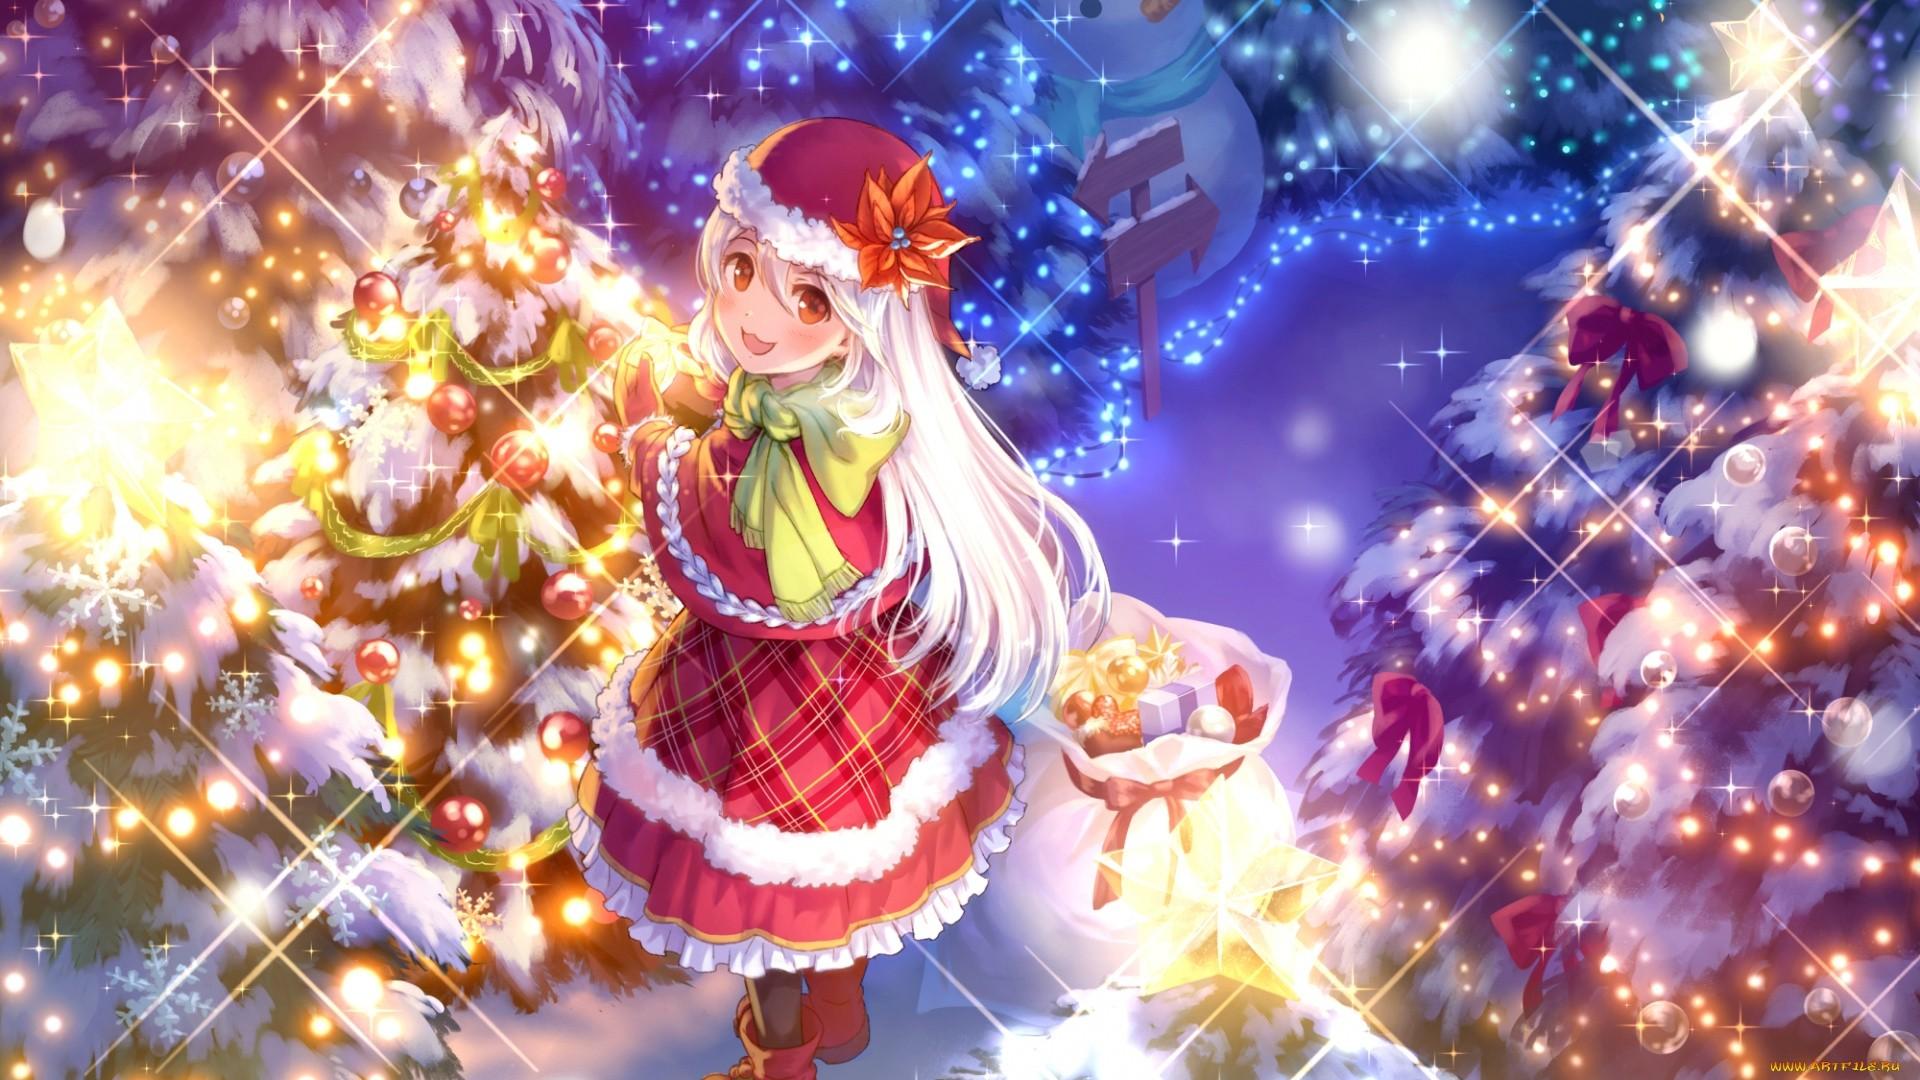 Christmas Anime Girl Download Wallpaper